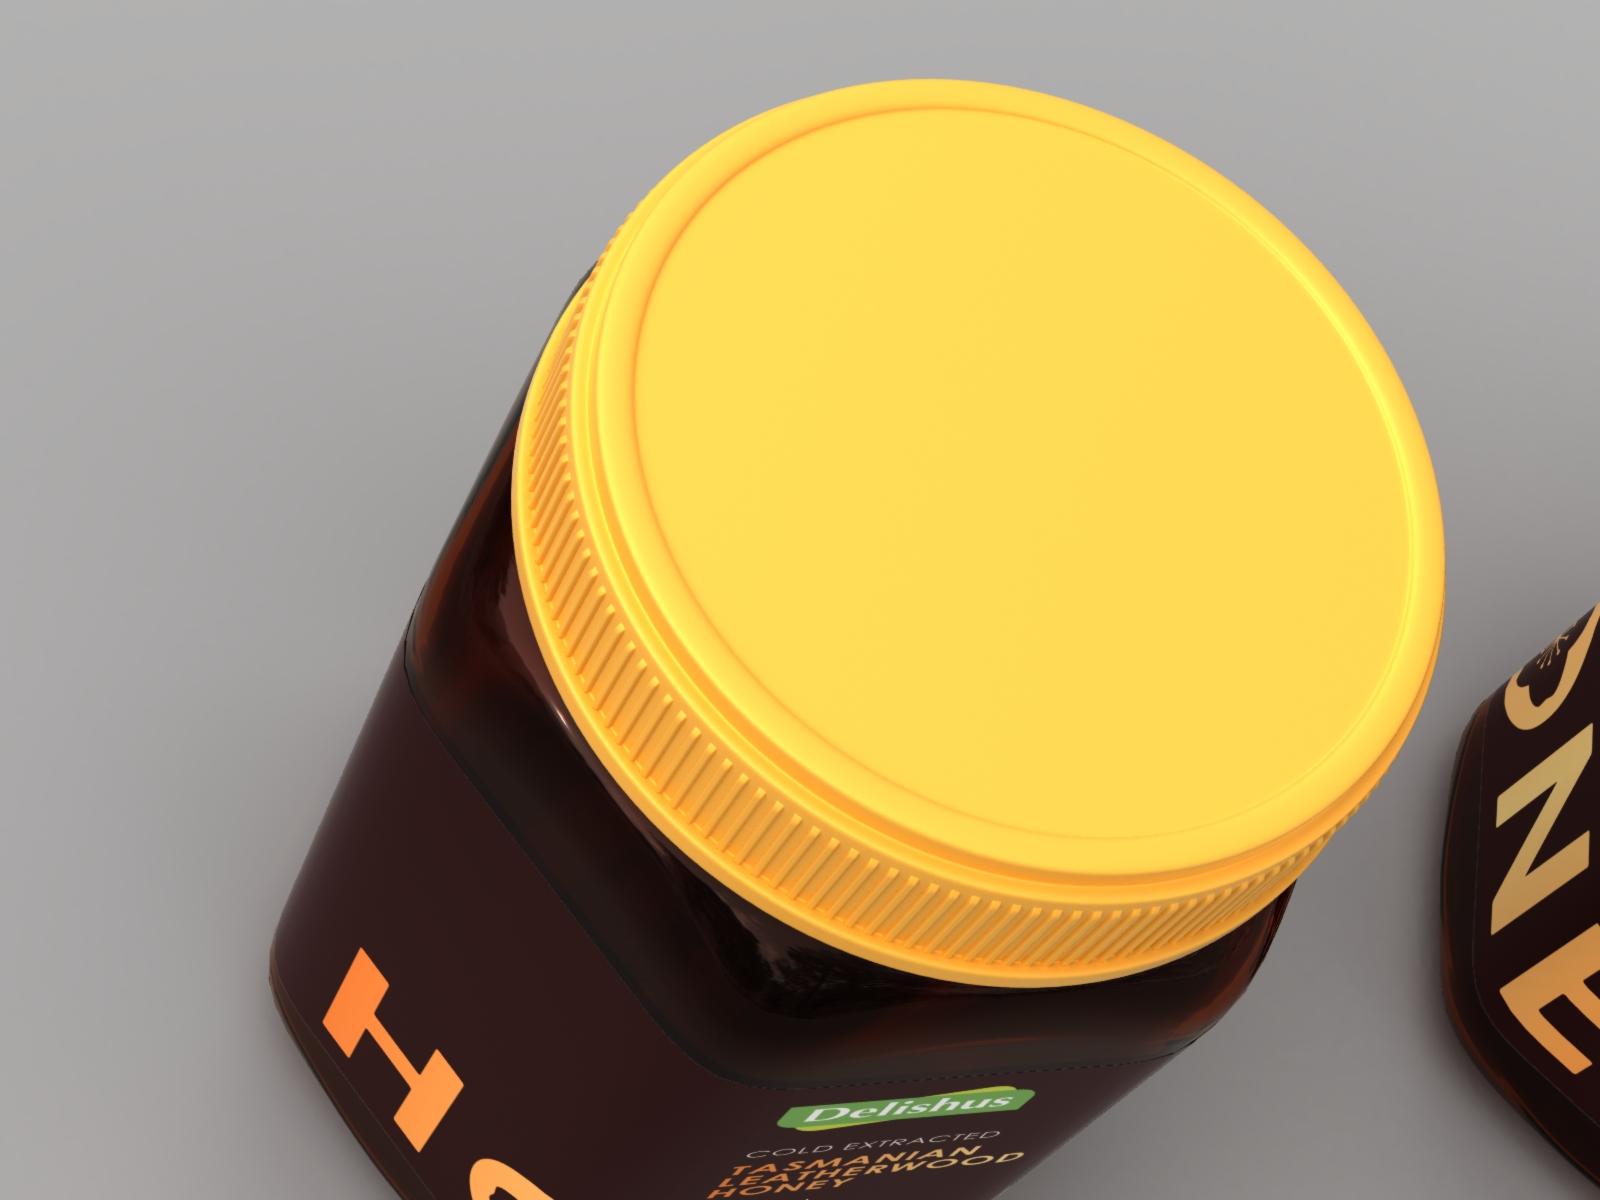 24383 Delishus LW Honey 1kg R8 Top Closeup.jpg